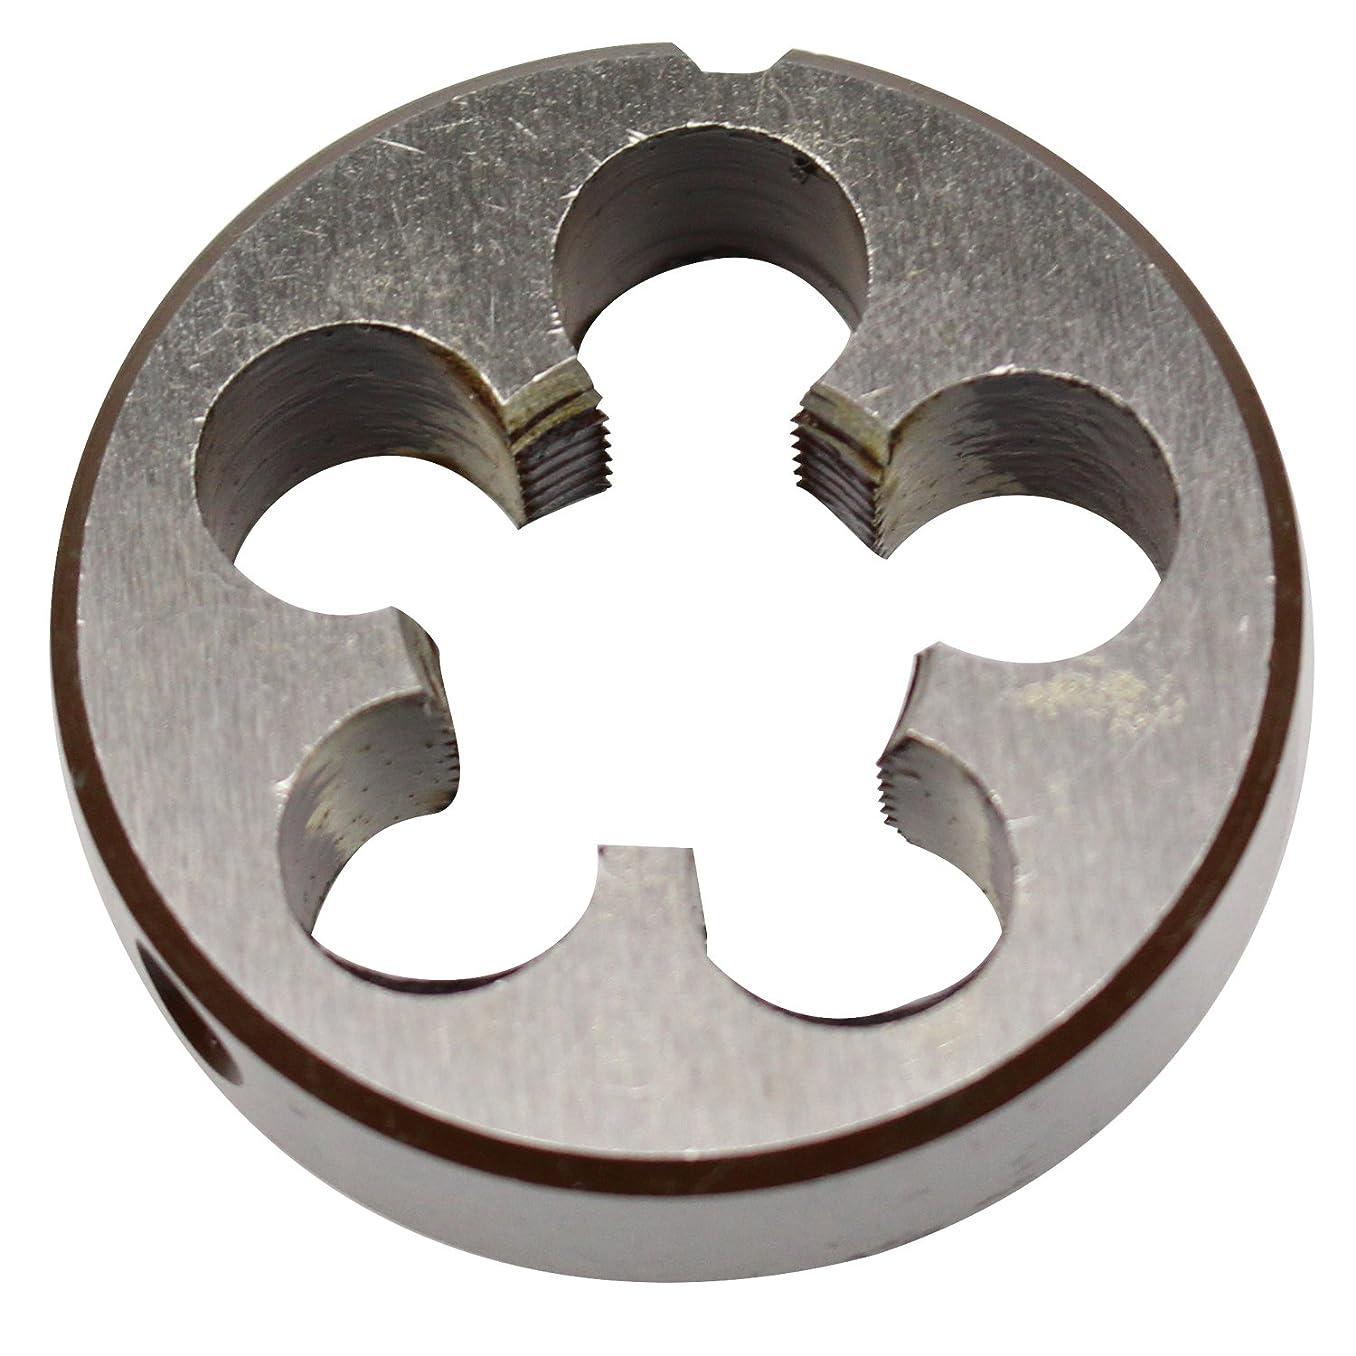 22mm X 0.75 Metric Right Hand Round Die, Machine Thread Die M22 X 0.75mm Pitch